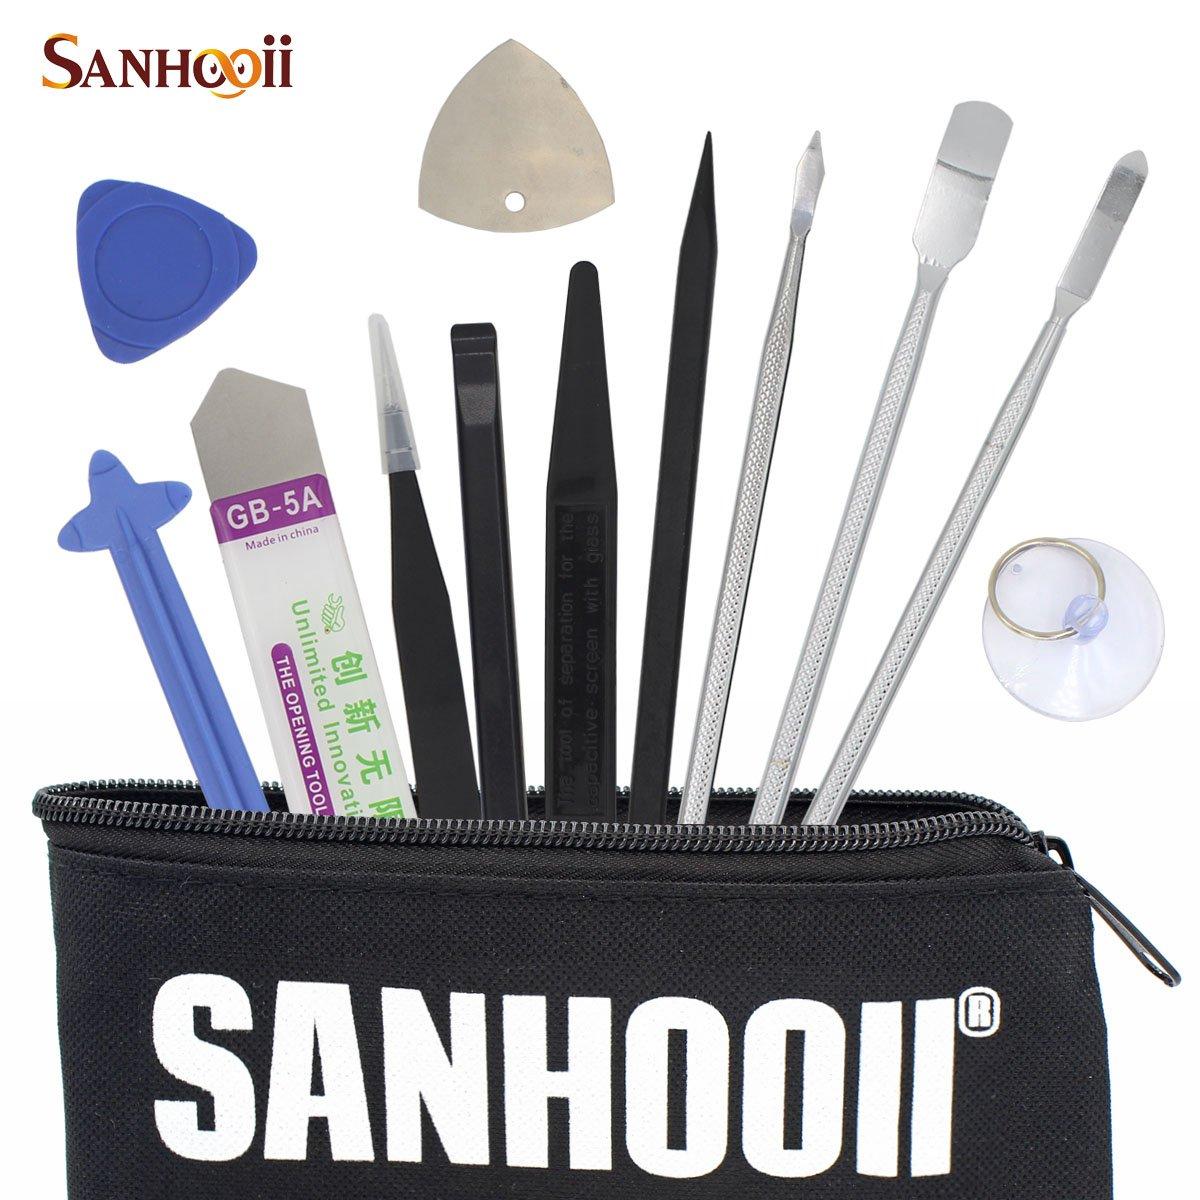 SANHOOII 12in1 Mobile Phone Repair Tools Set for iPhone Tablet Smartphone Disassemble Metal Spudger Nylon Opener Computer Repairing